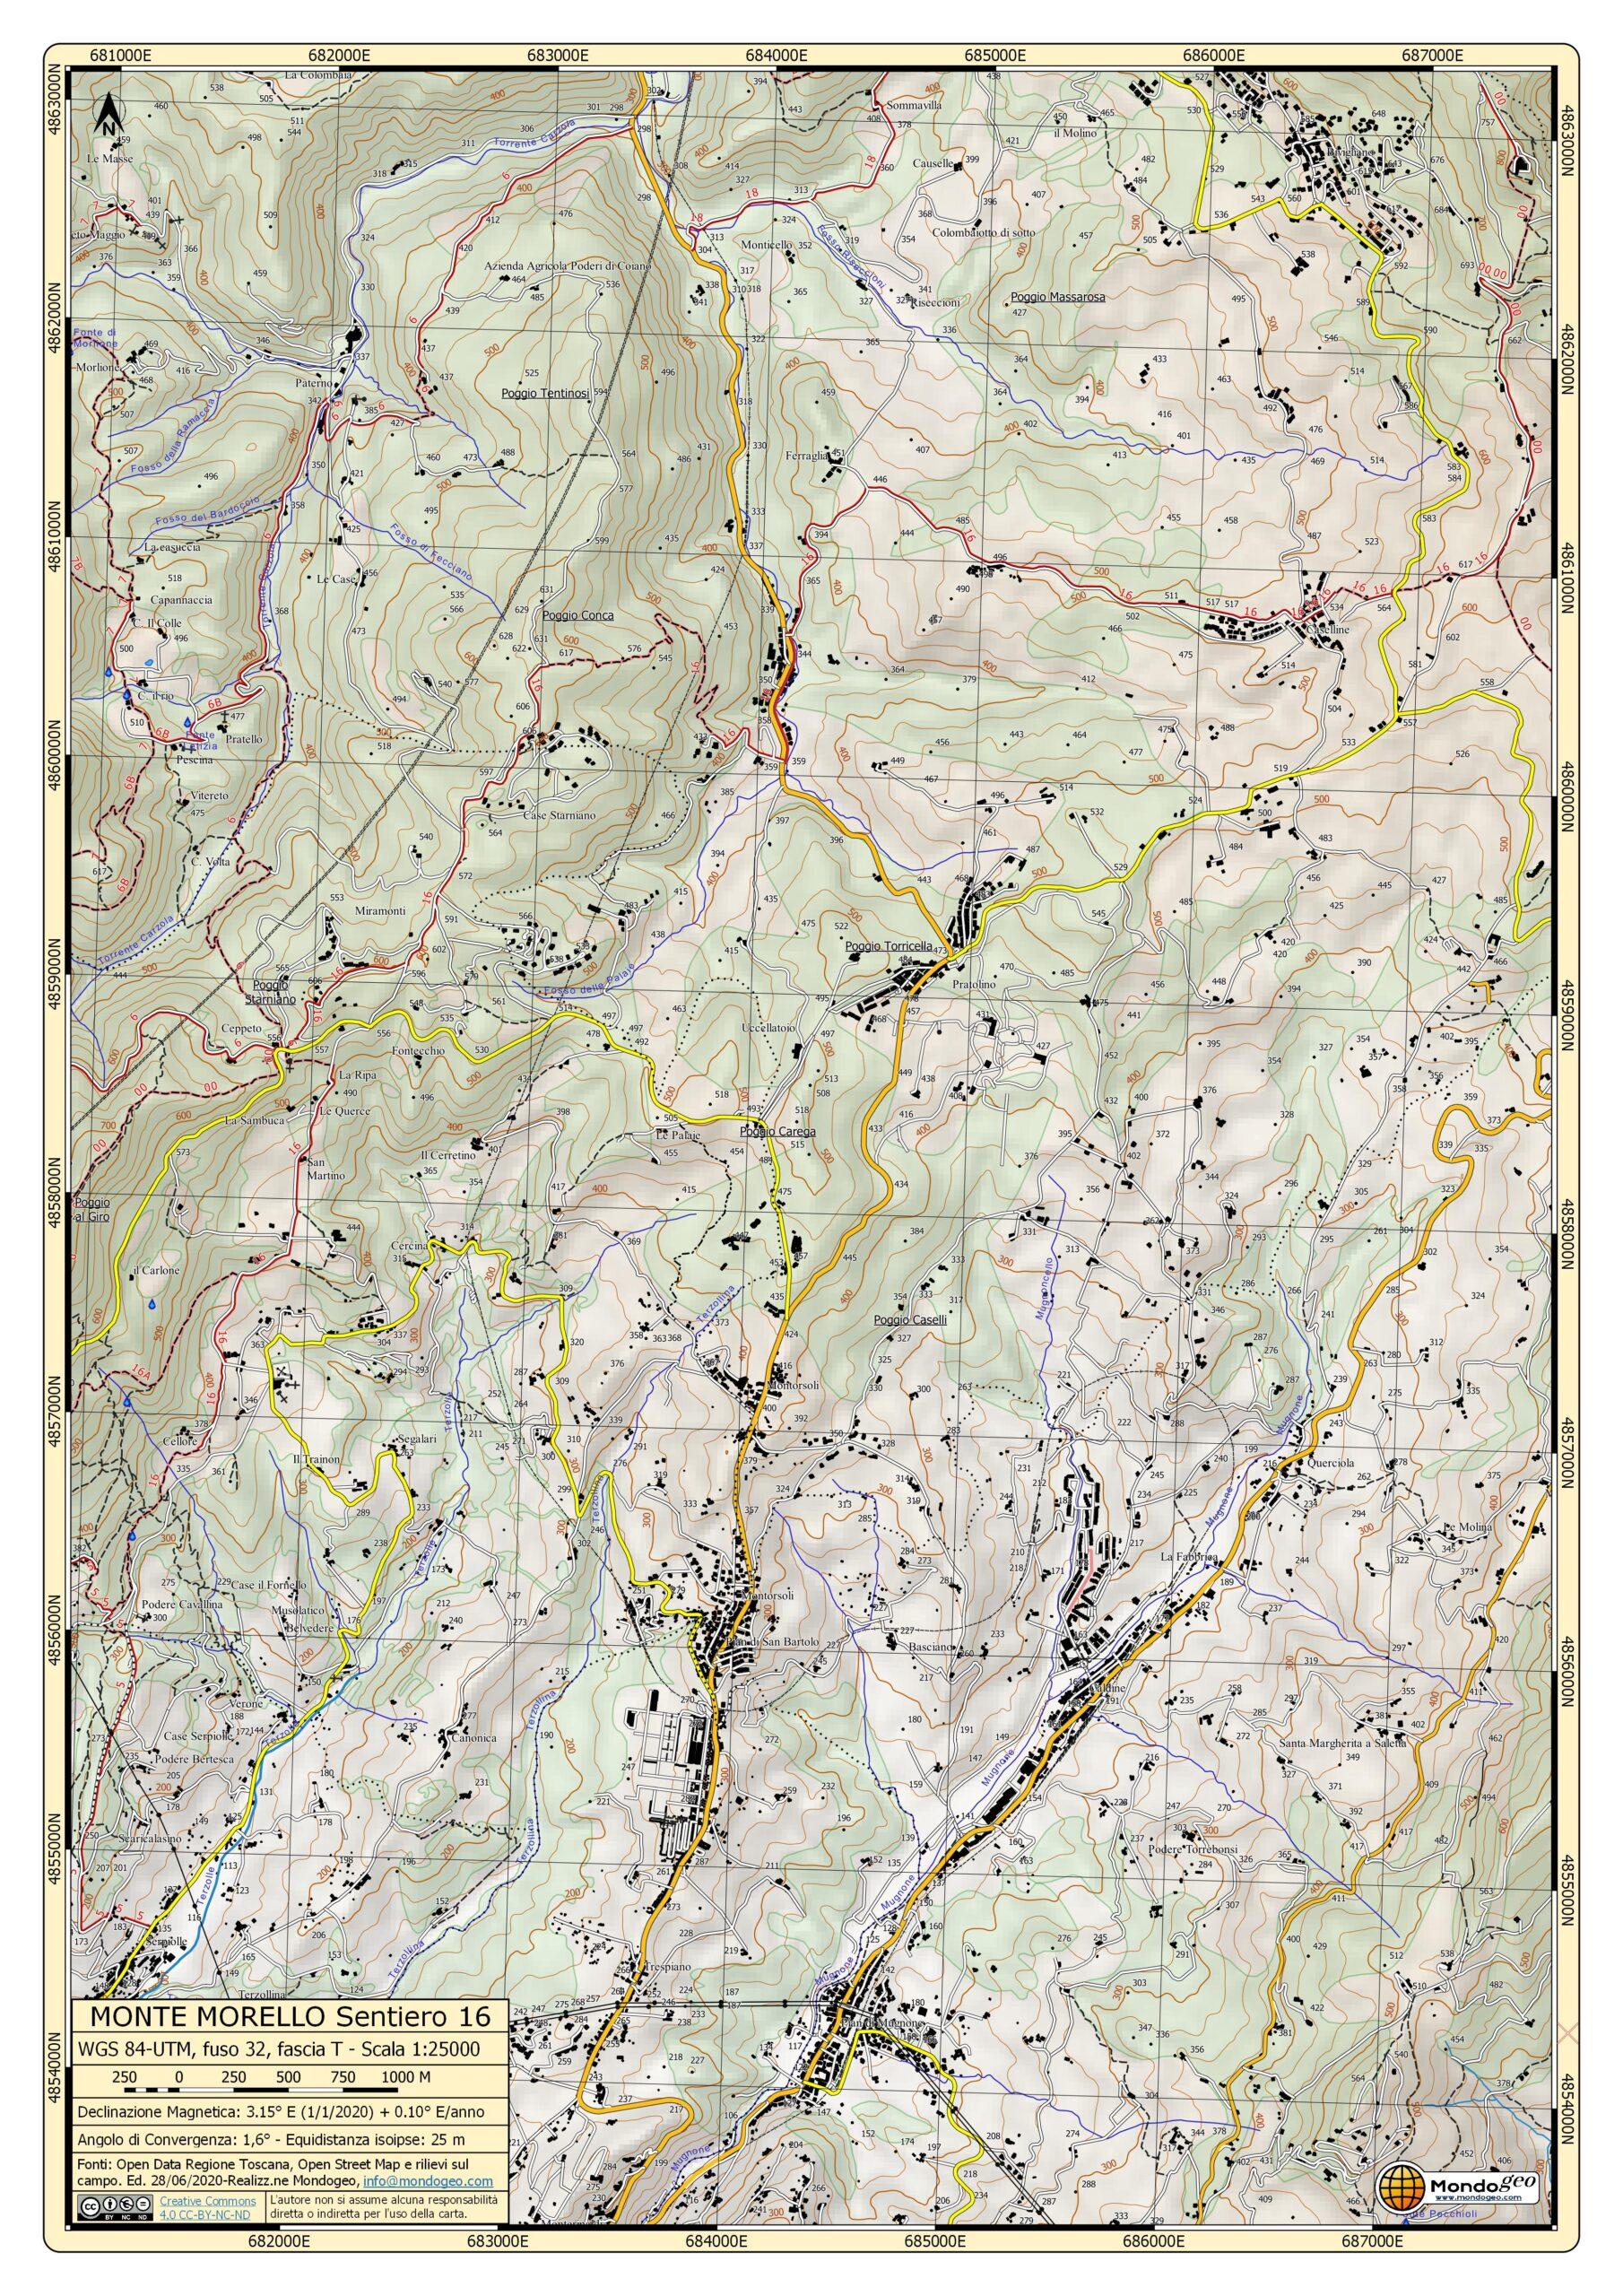 Carta dei sentieri di monte Morello del sentiero 16 in formato A3